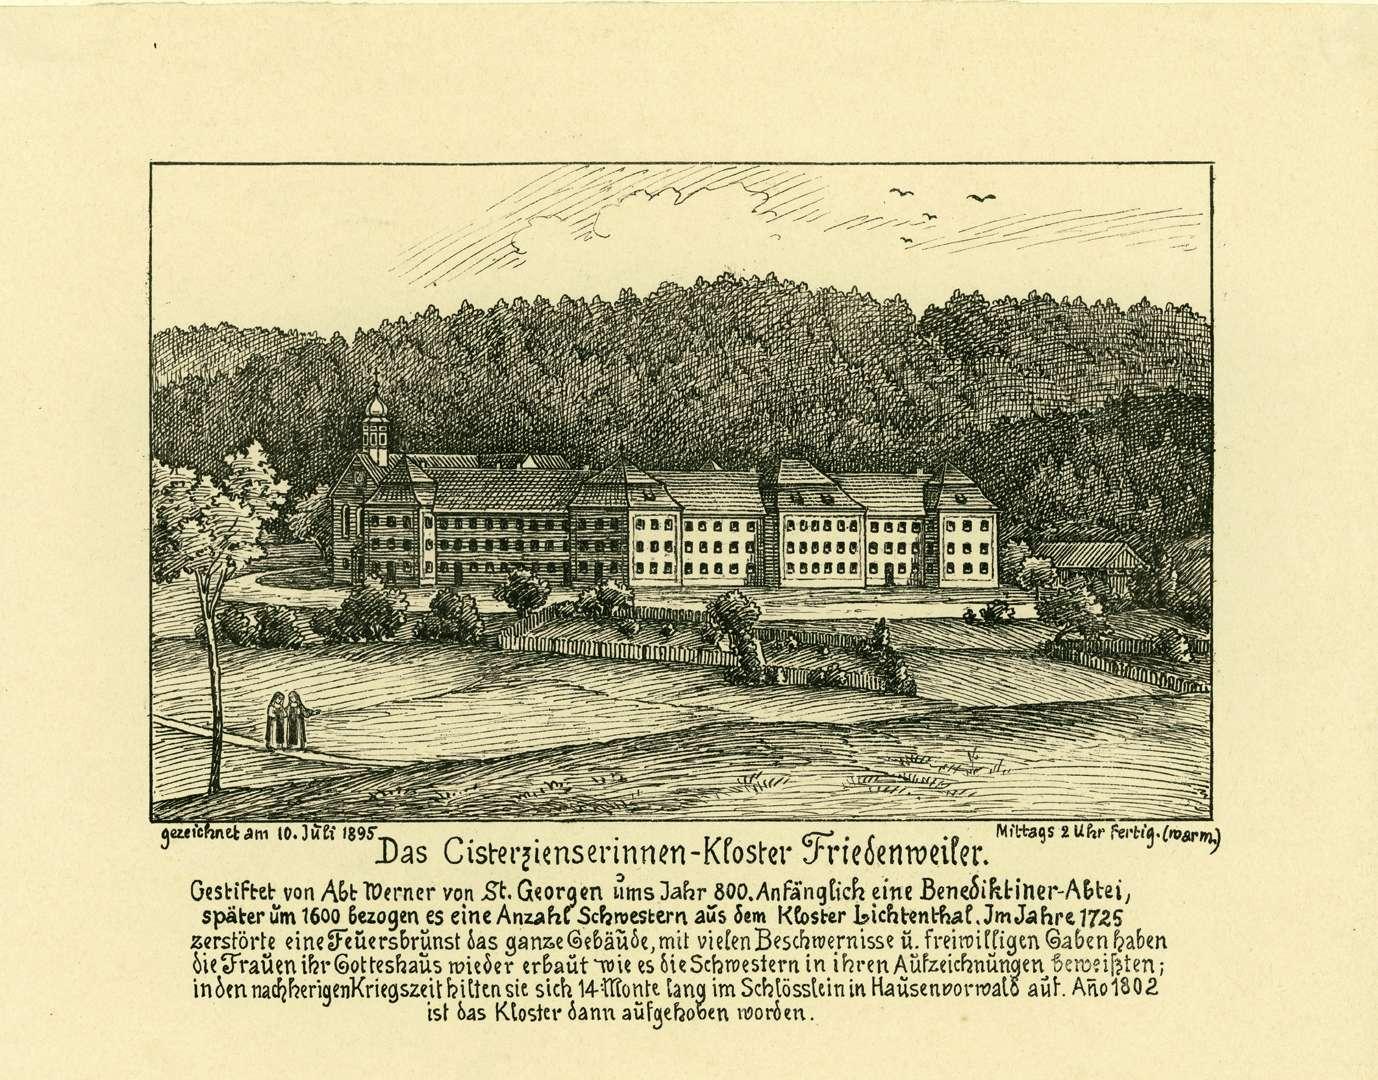 Das Cisterzienserinnen-Kloster Friedenweiler, Bild 1